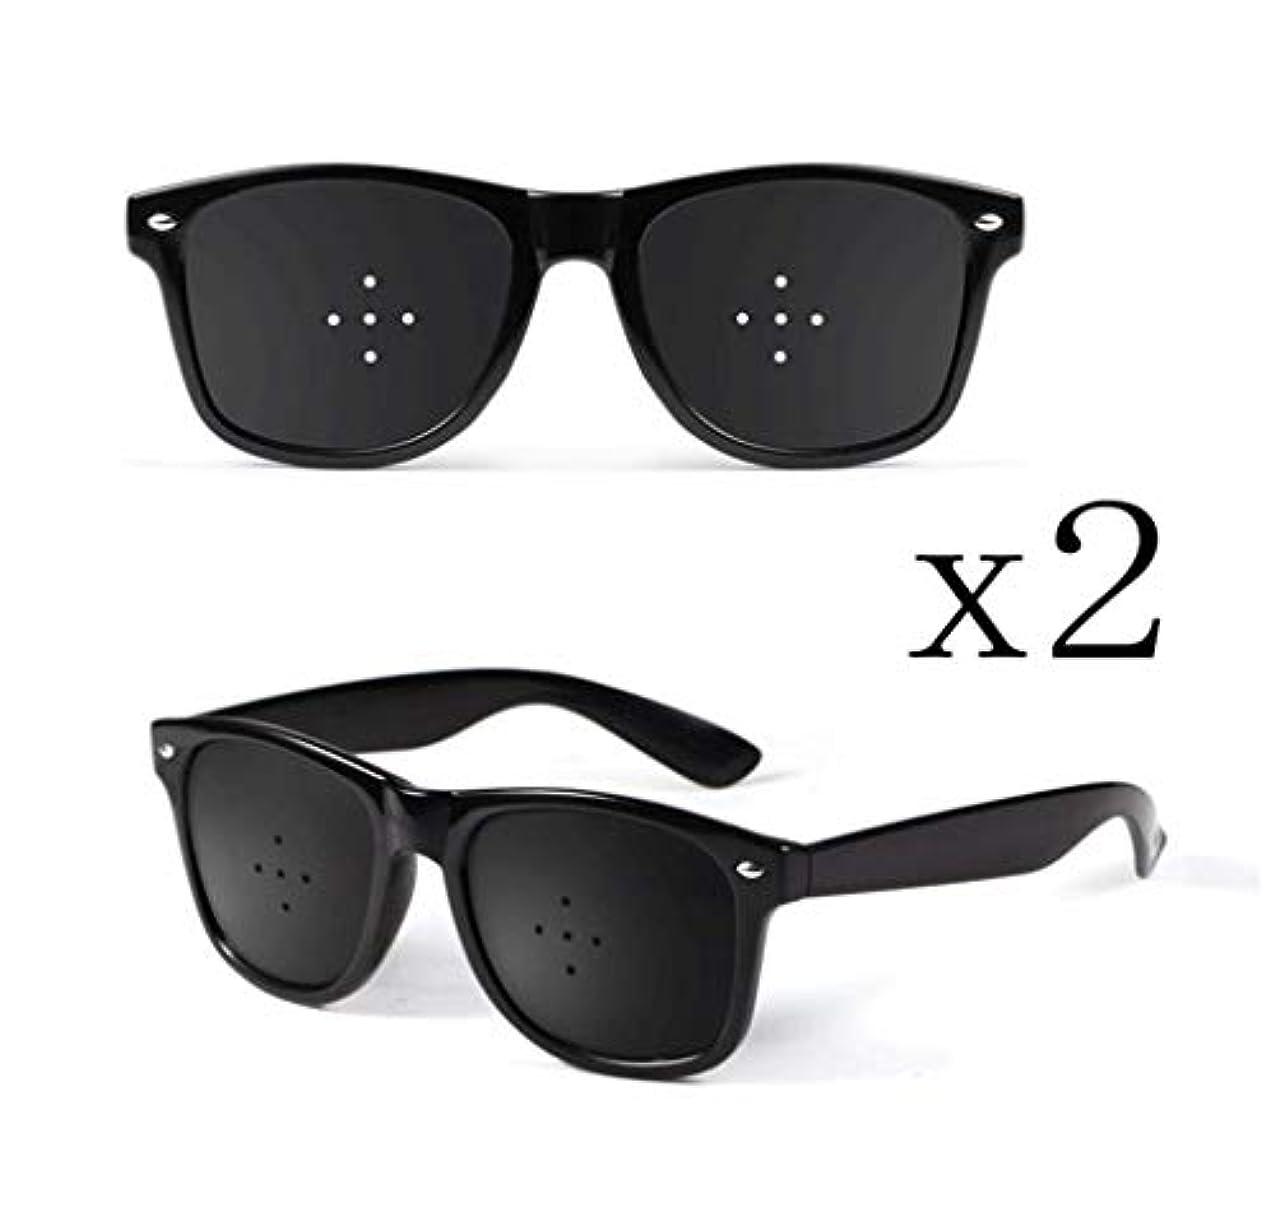 アサートたとえ議題ピンホールメガネ、視力矯正メガネ網状視力保護メガネ耐疲労性メガネ近視の防止メガネの改善 (Color : 黒)